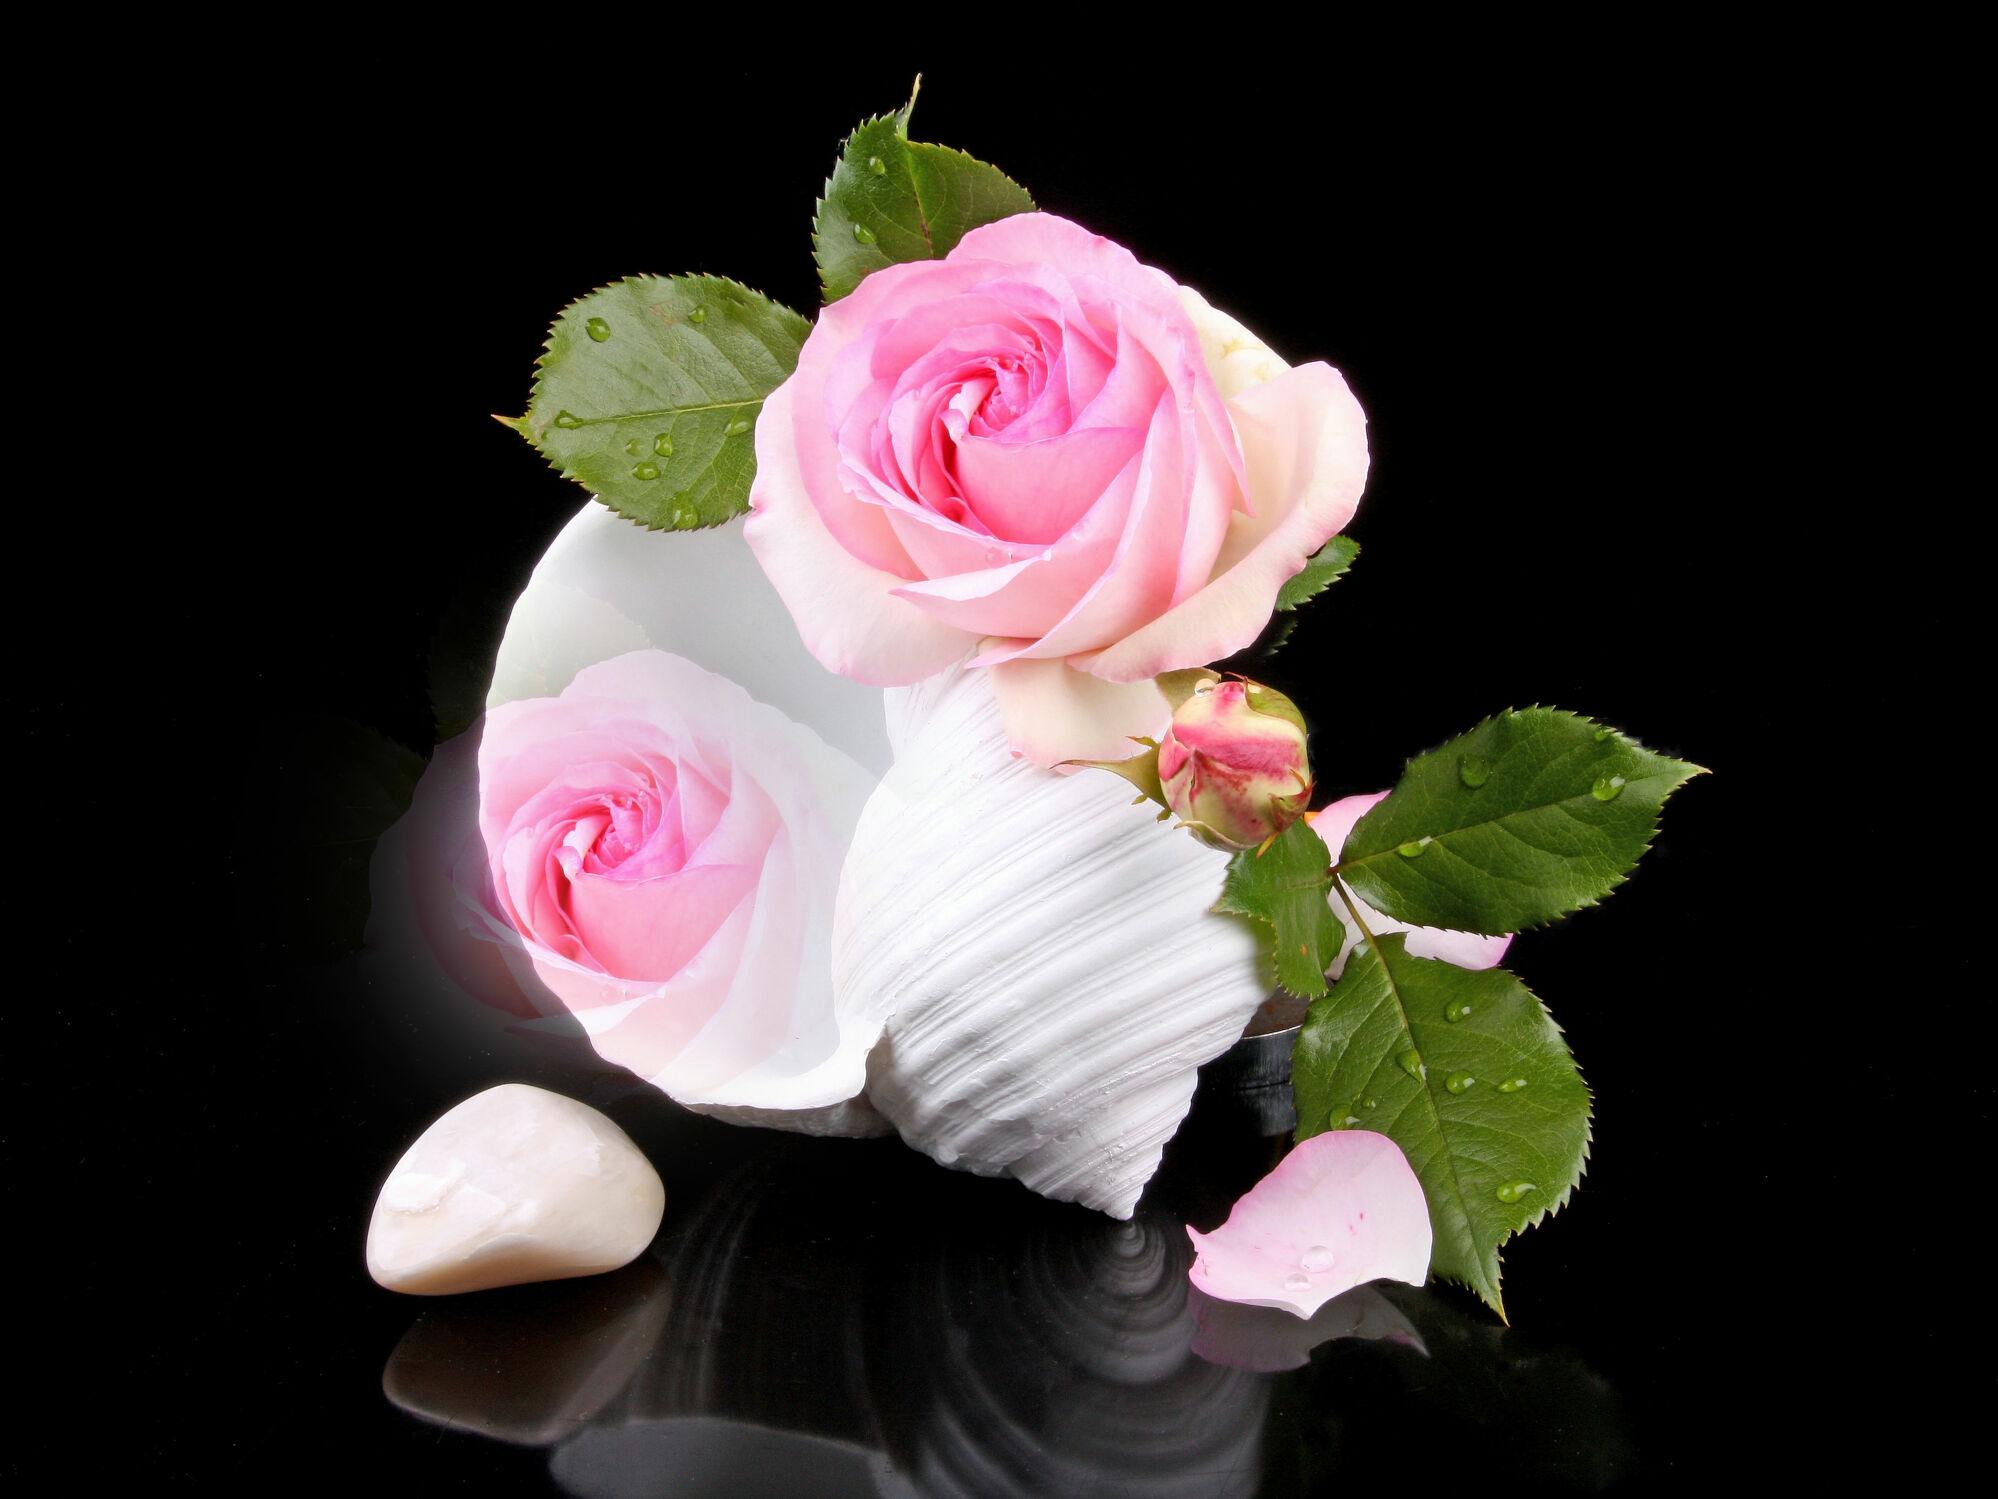 Bild mit Blumen, Rosen, Blätter, Blume, Rose, Blatt, Muschel, Fauna, Floral, Flora, Stilleben, Blüten, Florales, blüte, dekorativ